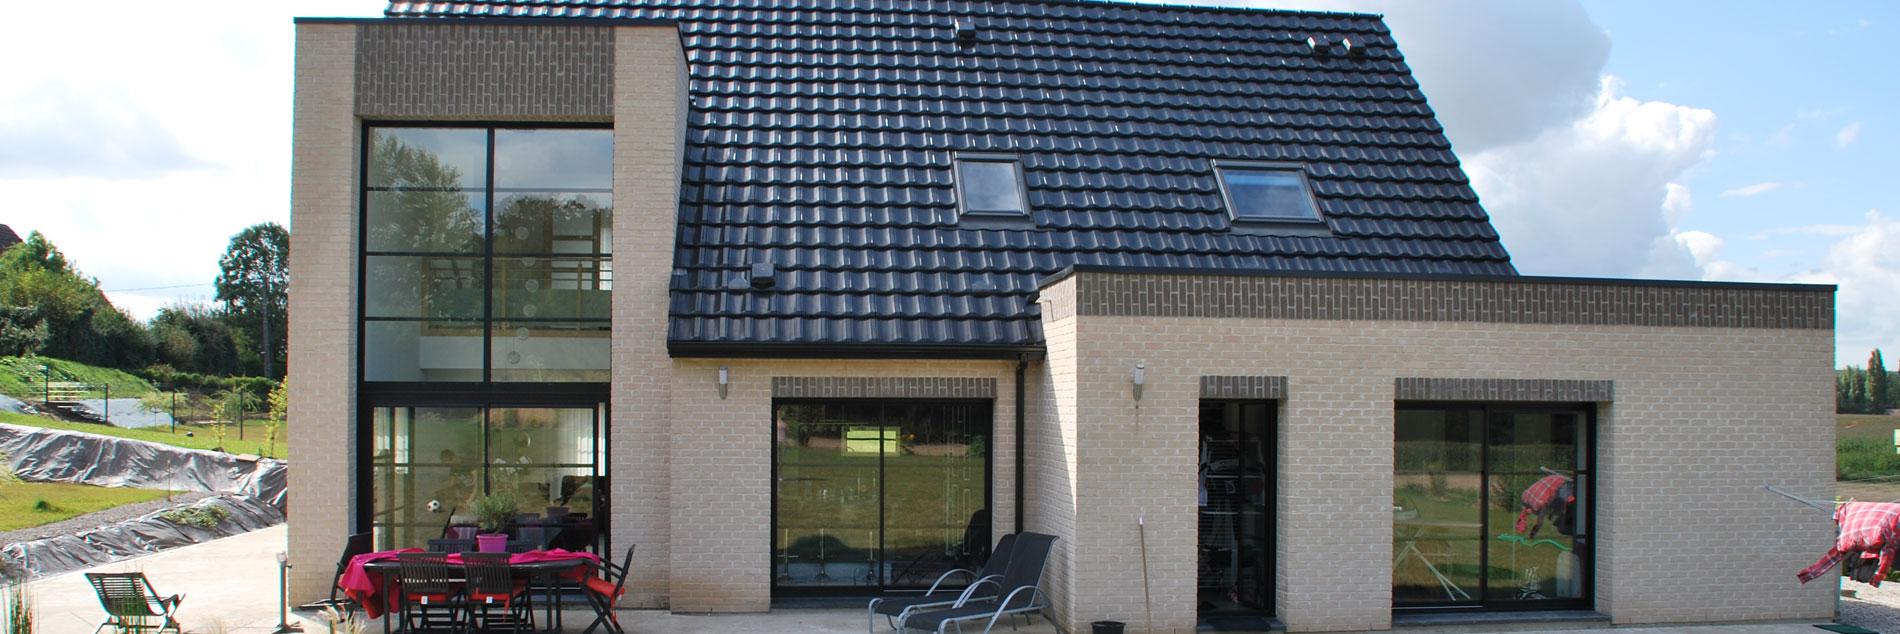 constructeur maison dunkerque